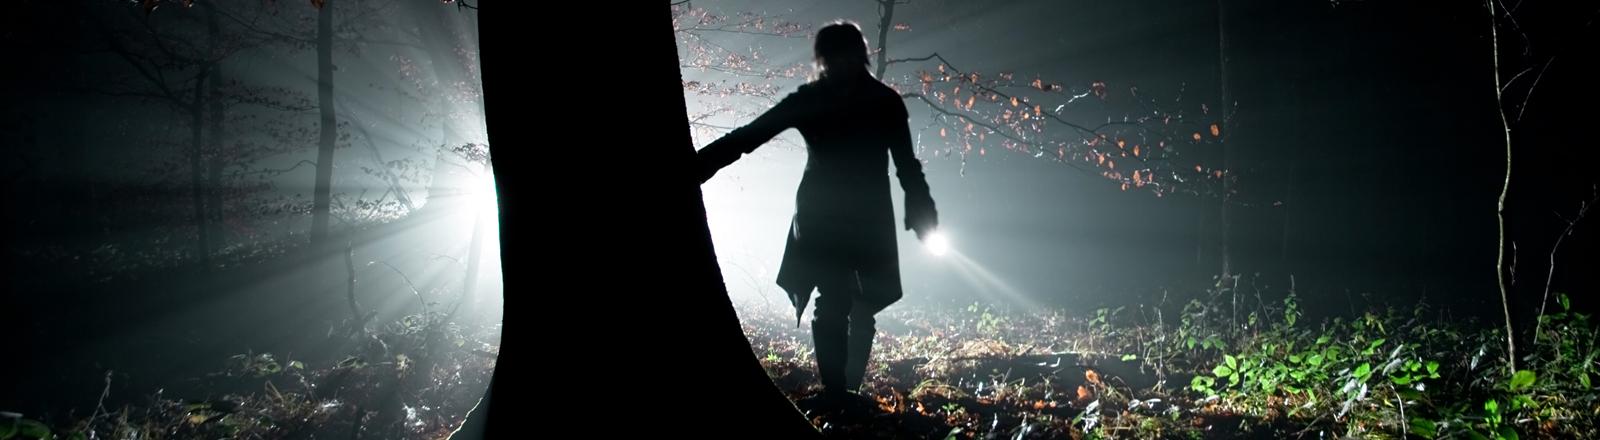 Eine Person neben einem Baum nachts im Wald.